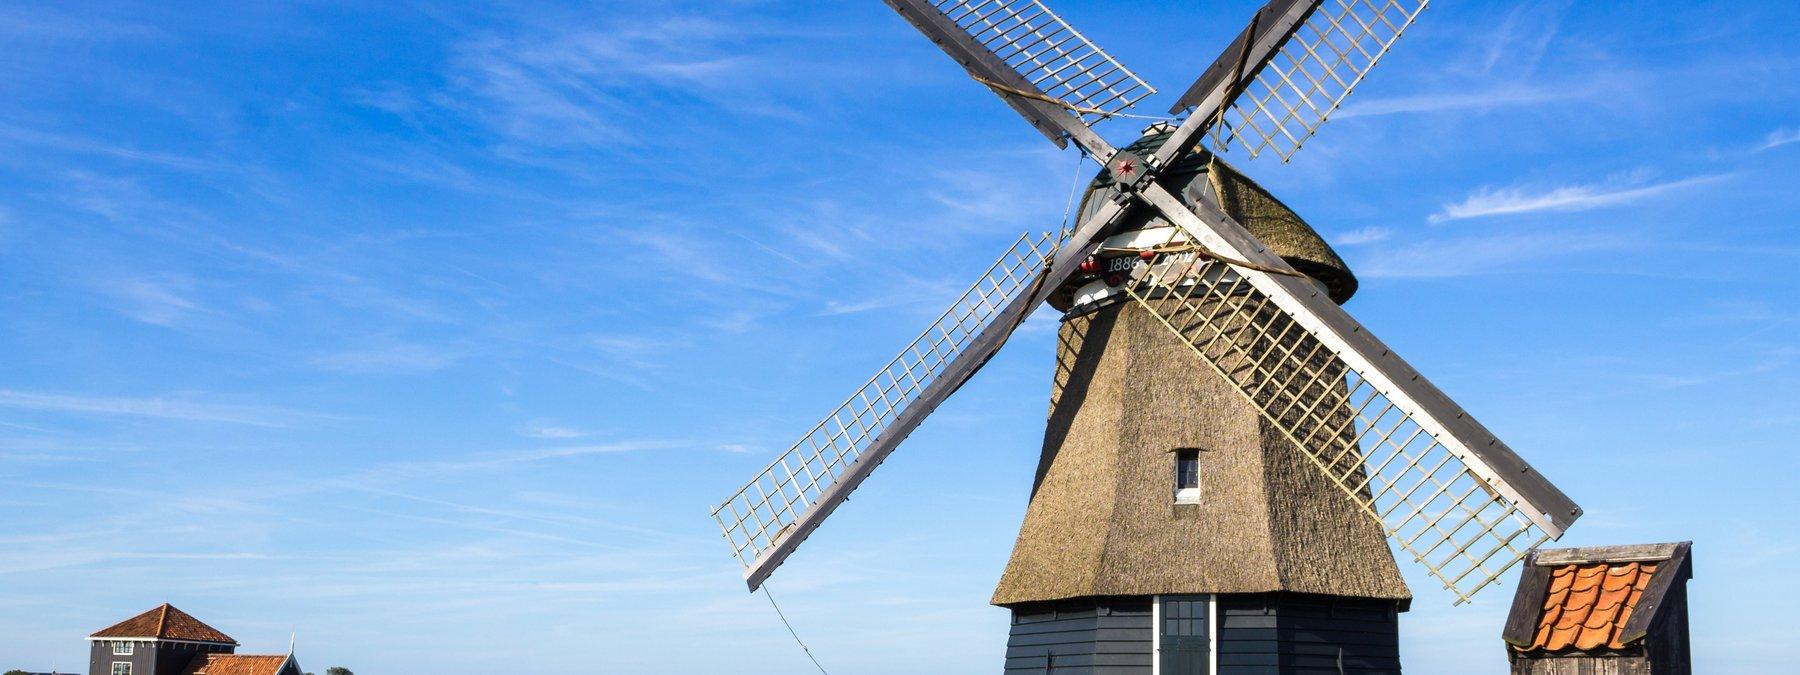 Alina - Windmühle in Hoorn, Niederlande